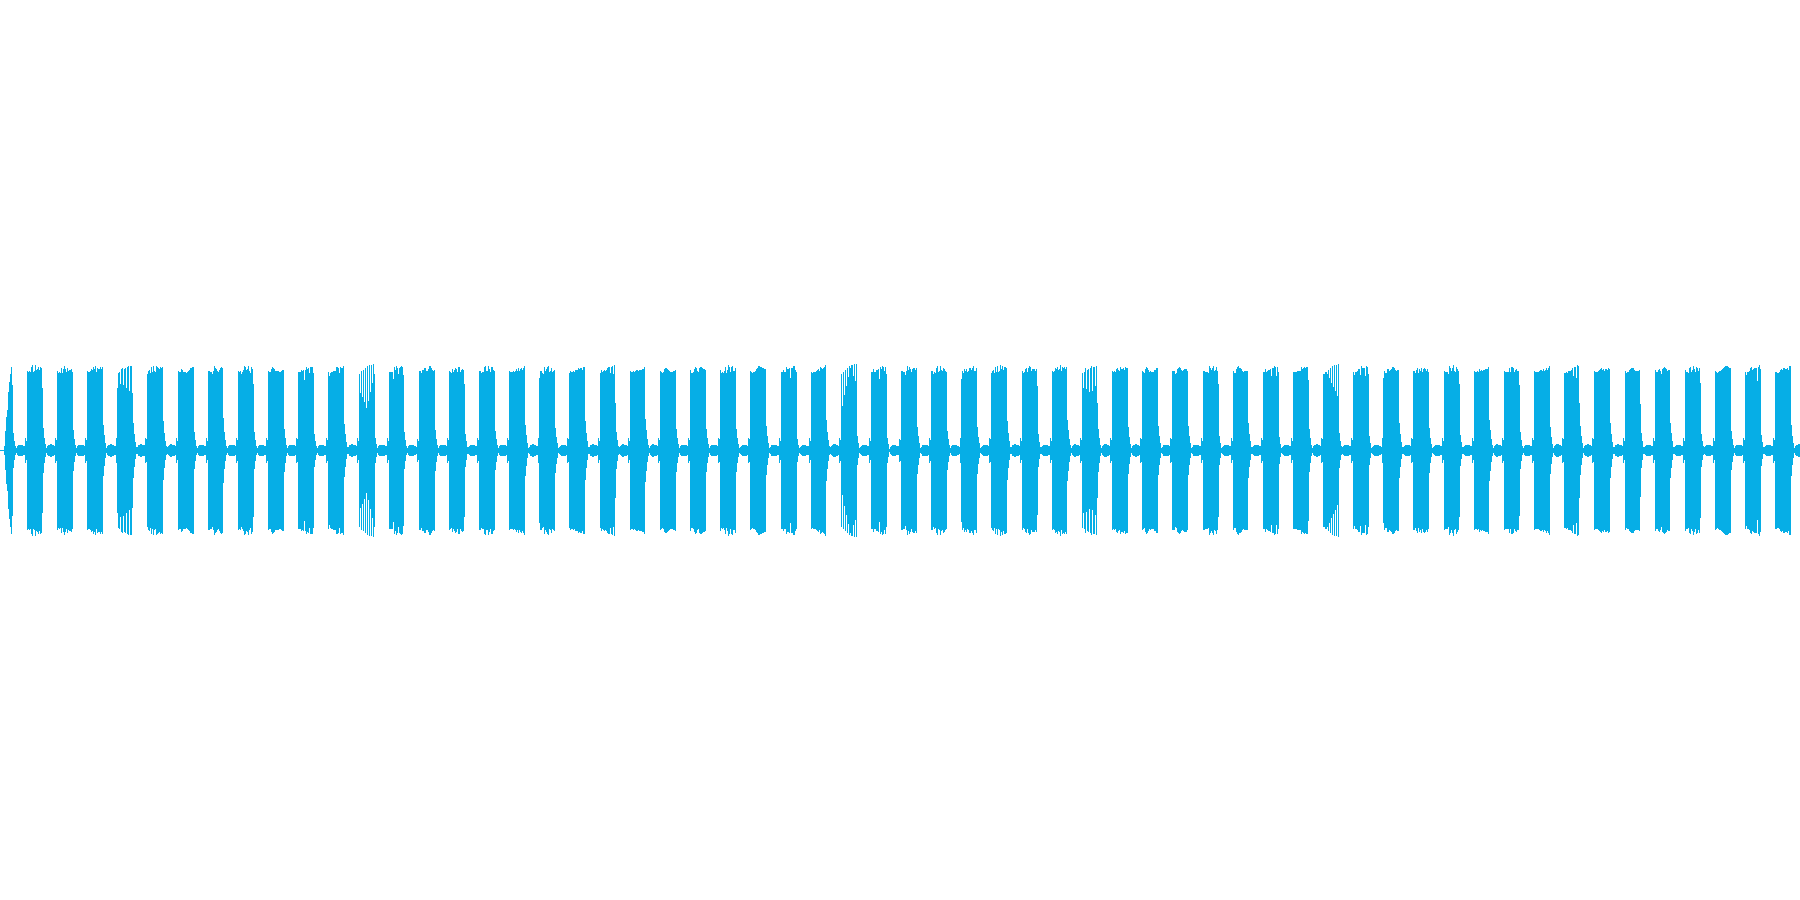 【ループ】レトロゲームぽいステージ開始音の再生済みの波形